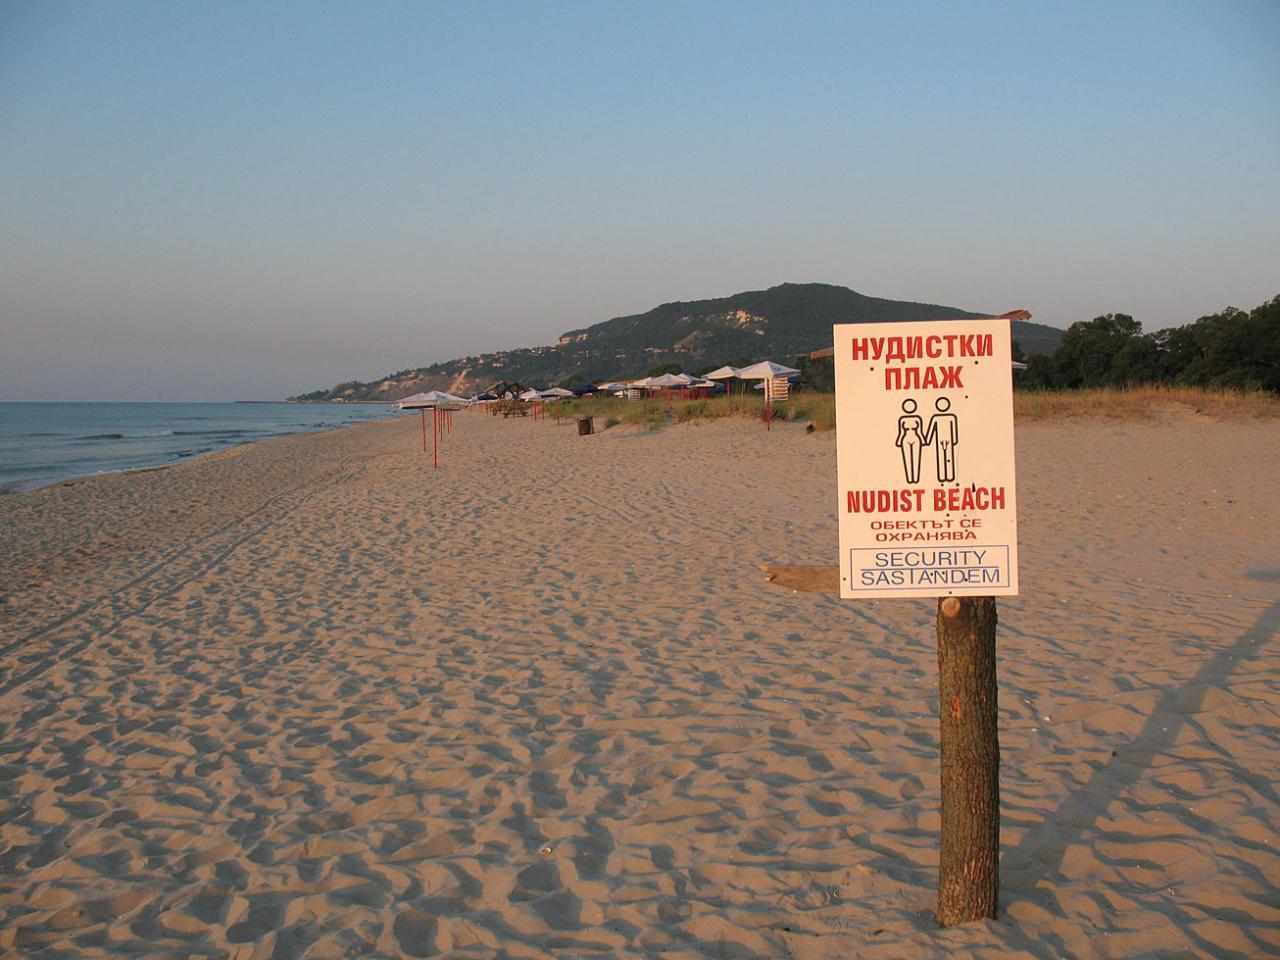 пляж нудистов видео онлайн бесплатно